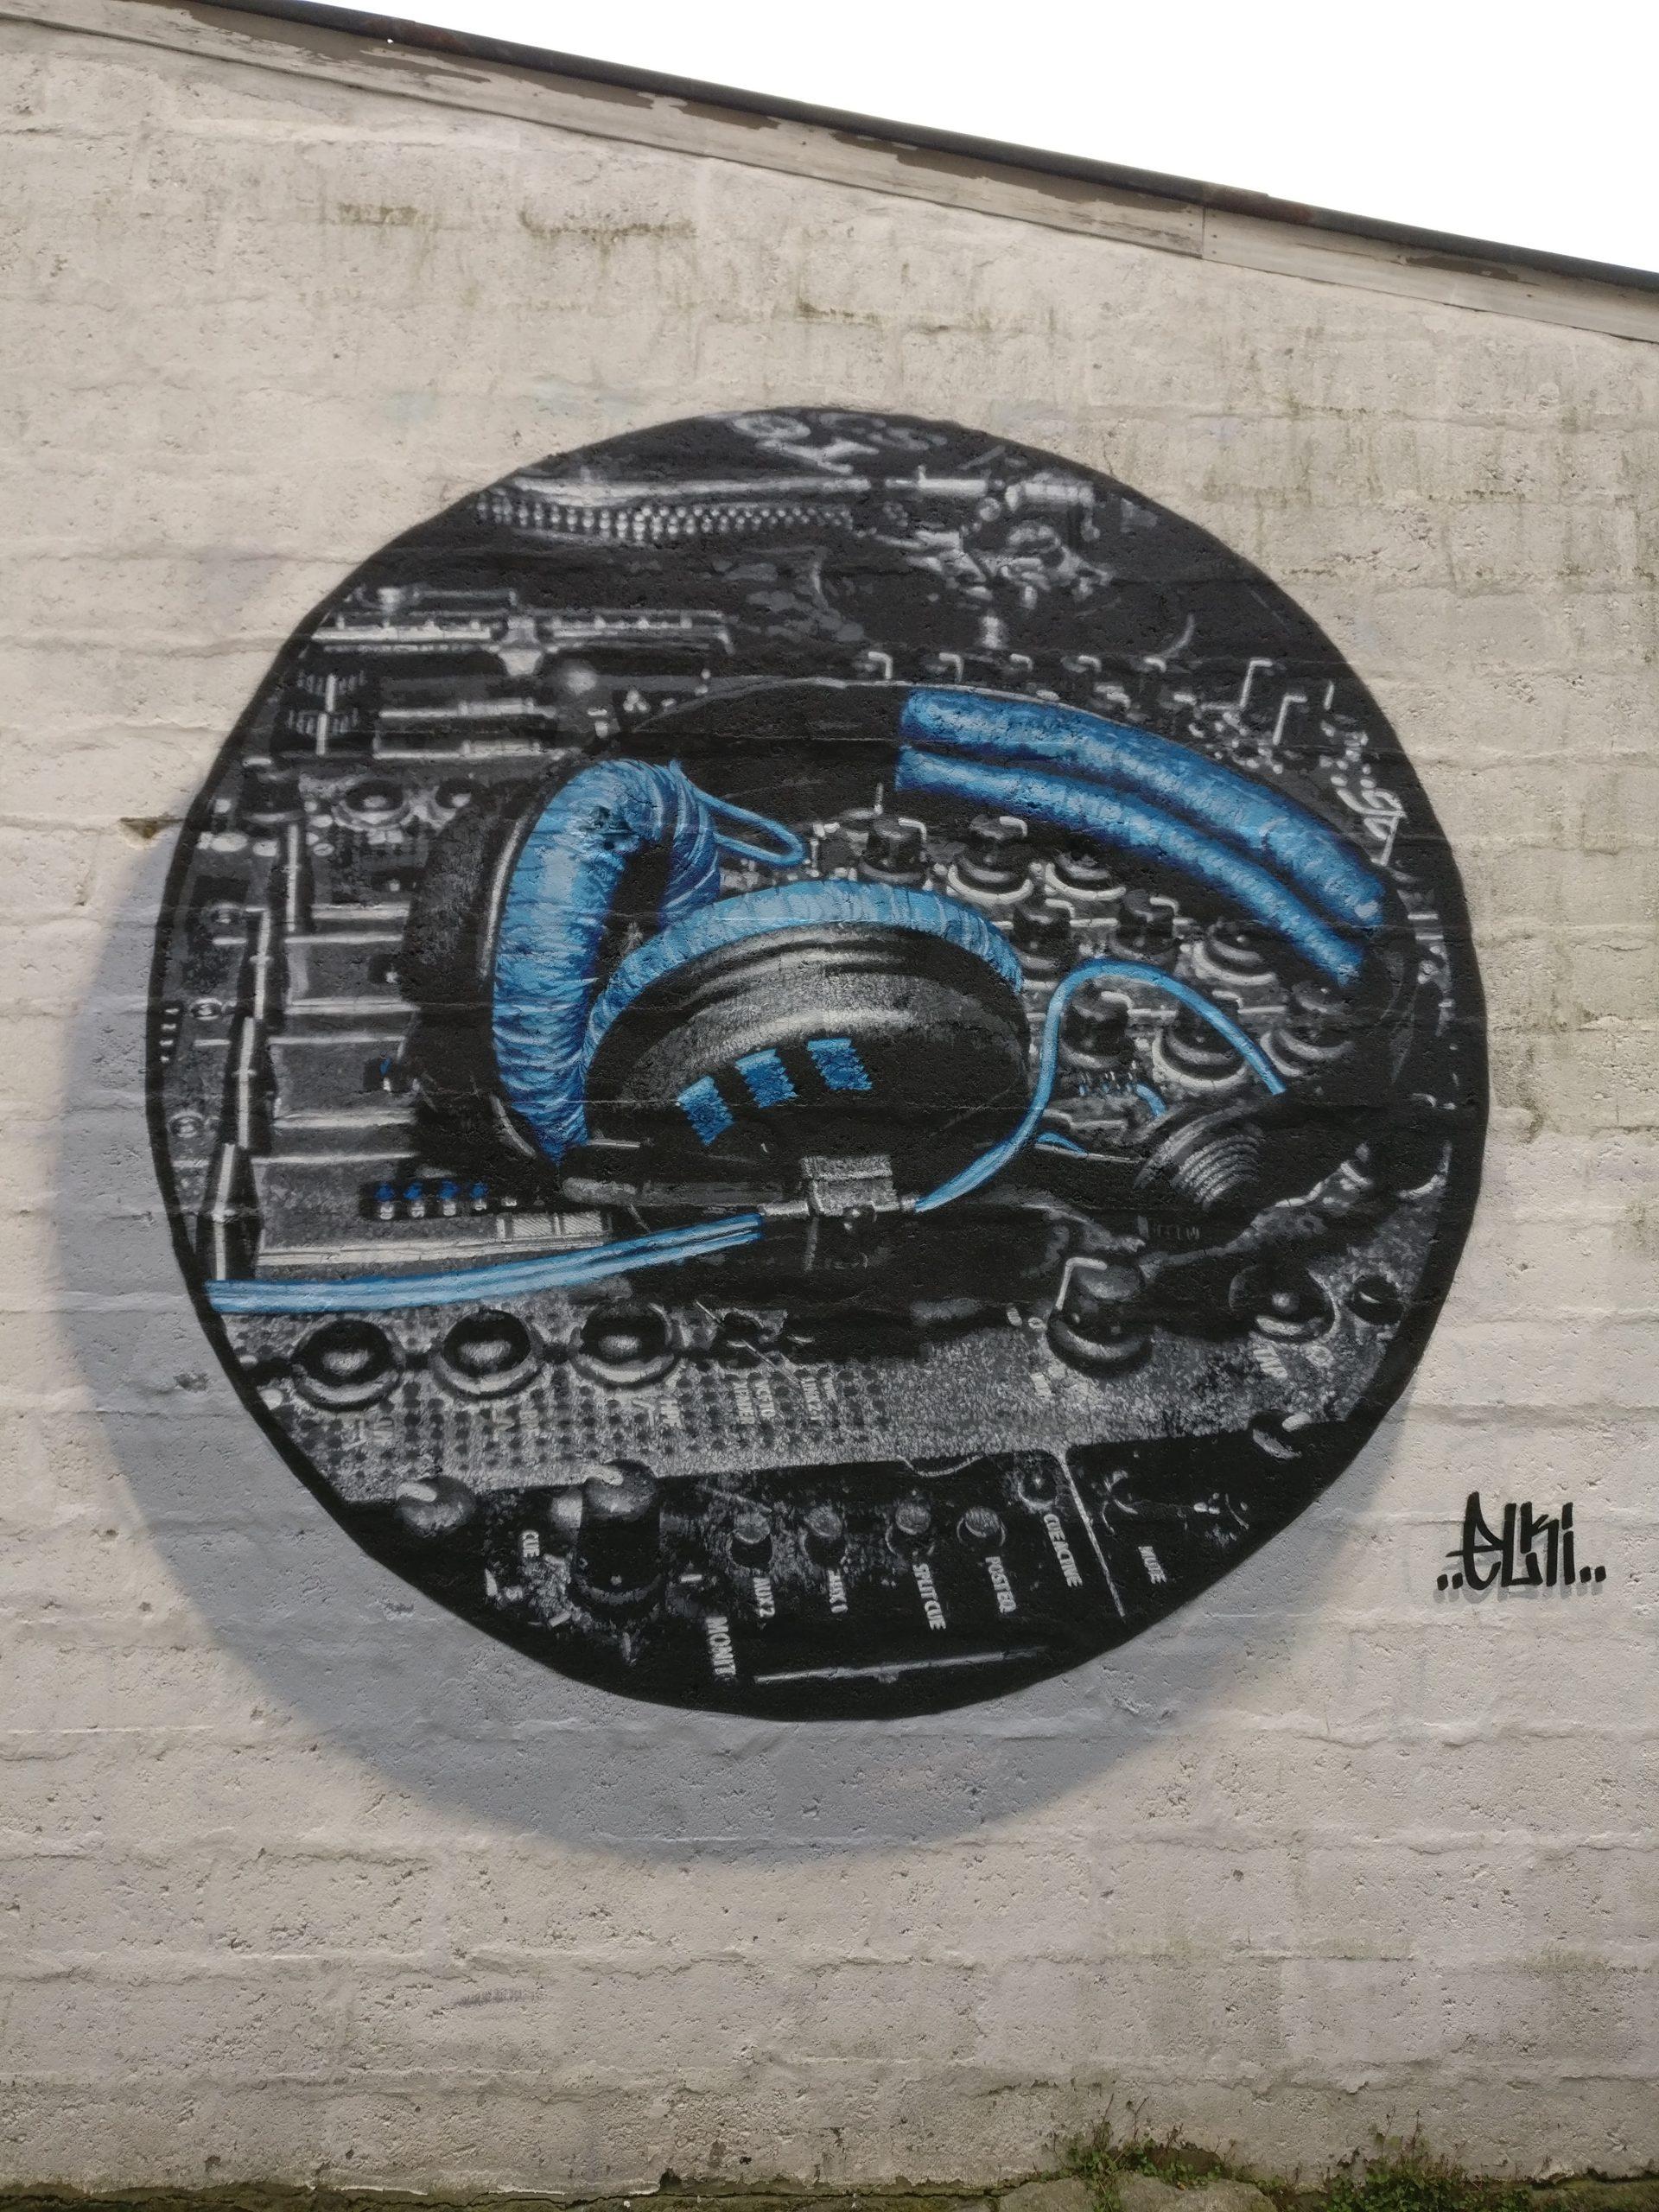 The murals of the 2018 Nuart Aberdeen Street Art Festival